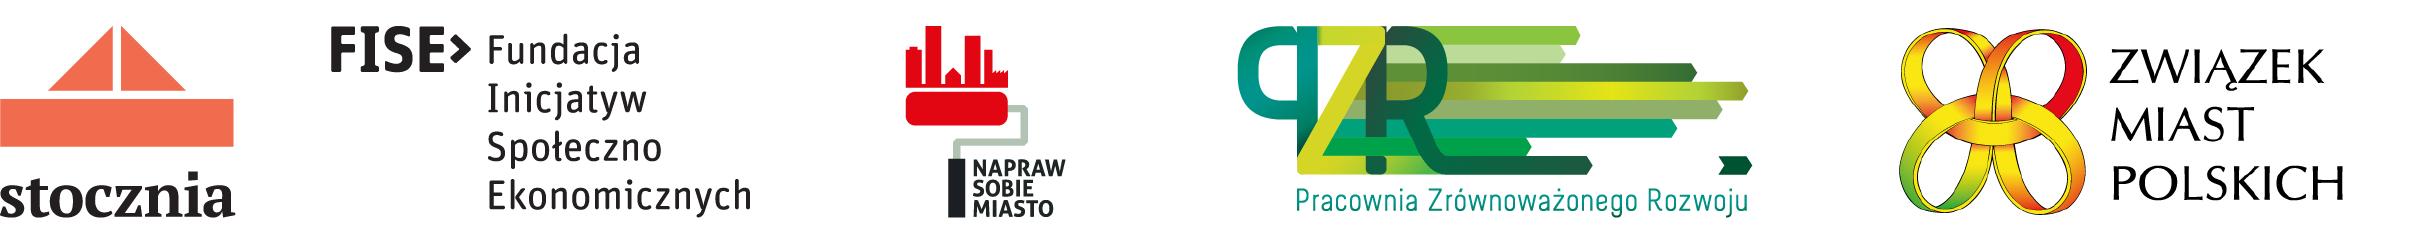 zestawienie partnerów PdP